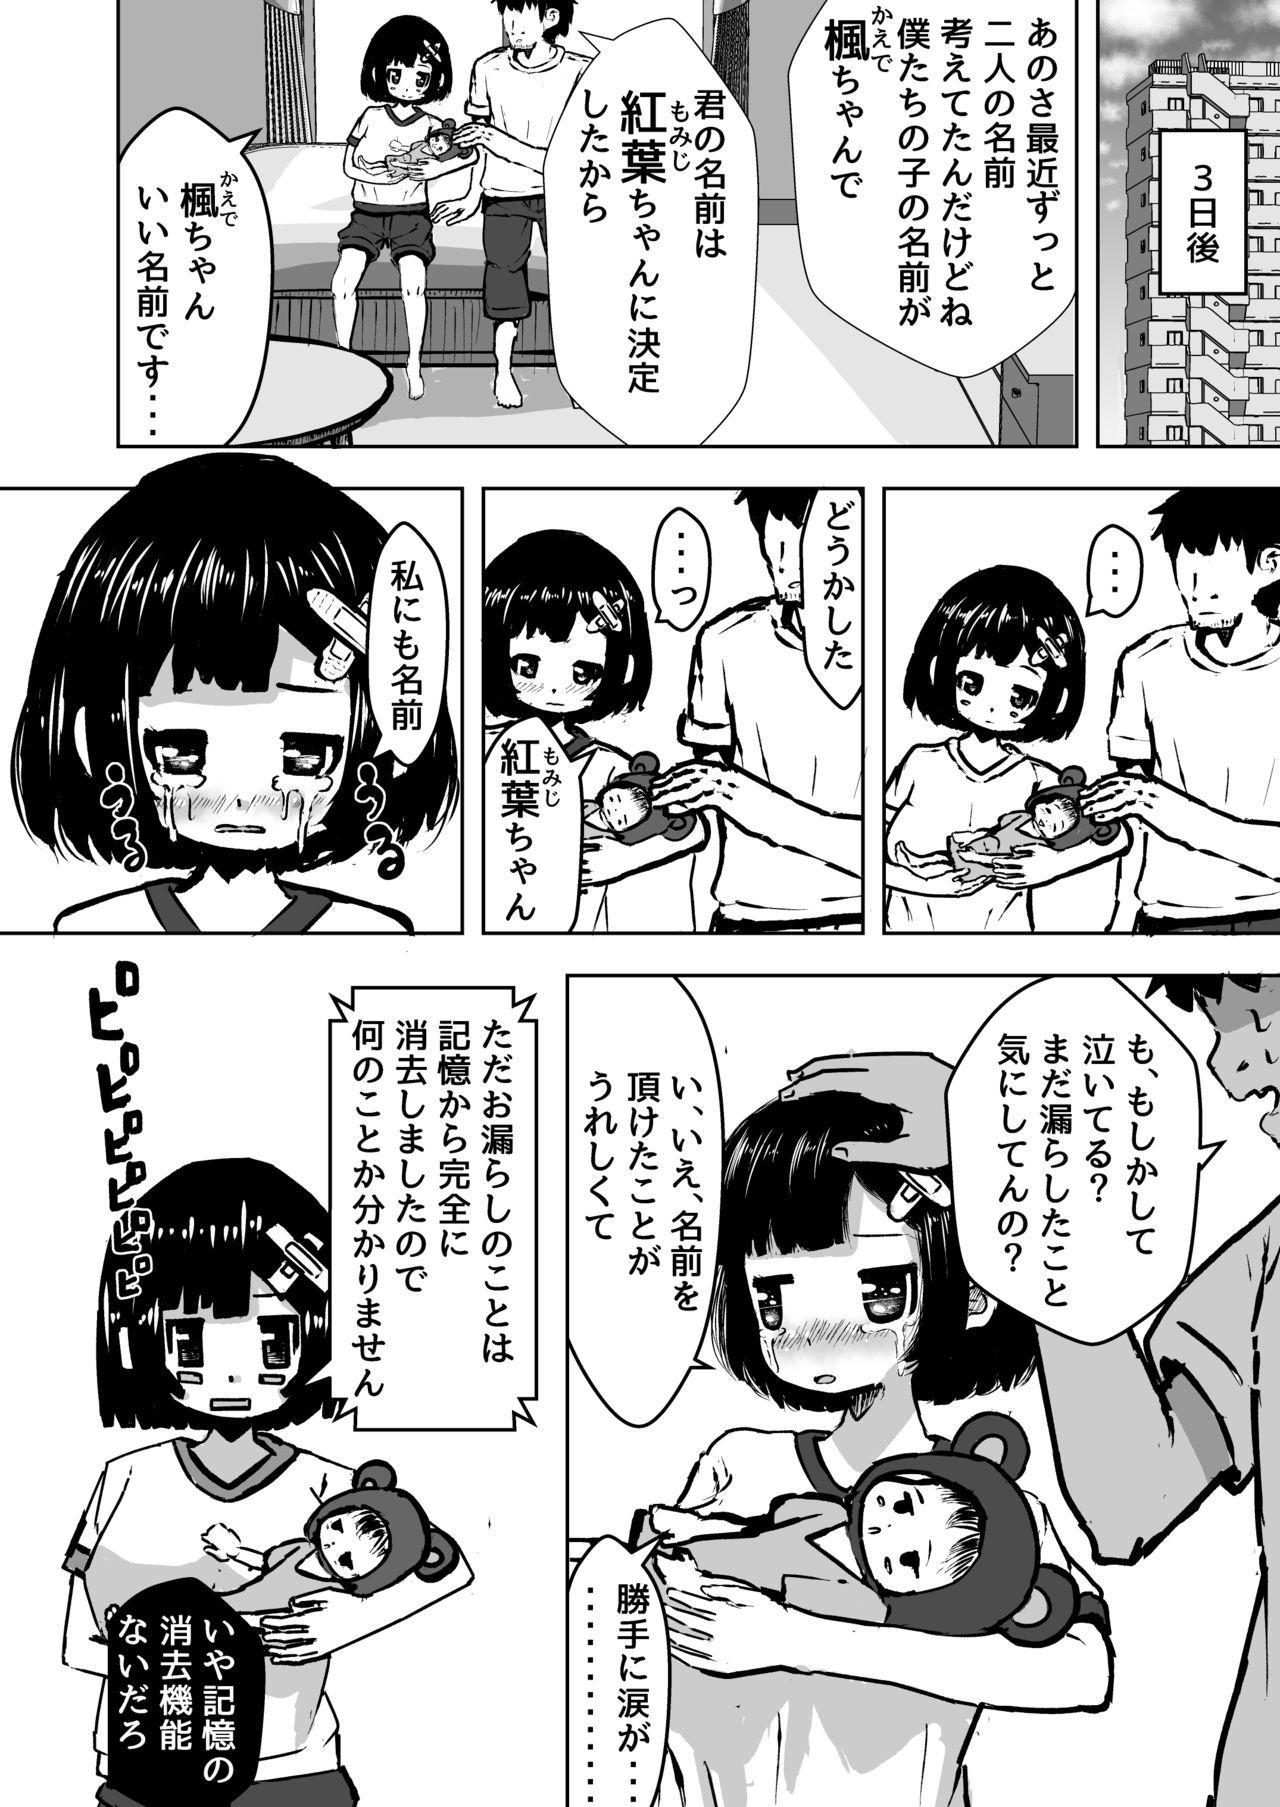 Chuuko de Katta Kozukuri Robo Haramase Bodebara Ecchi 27